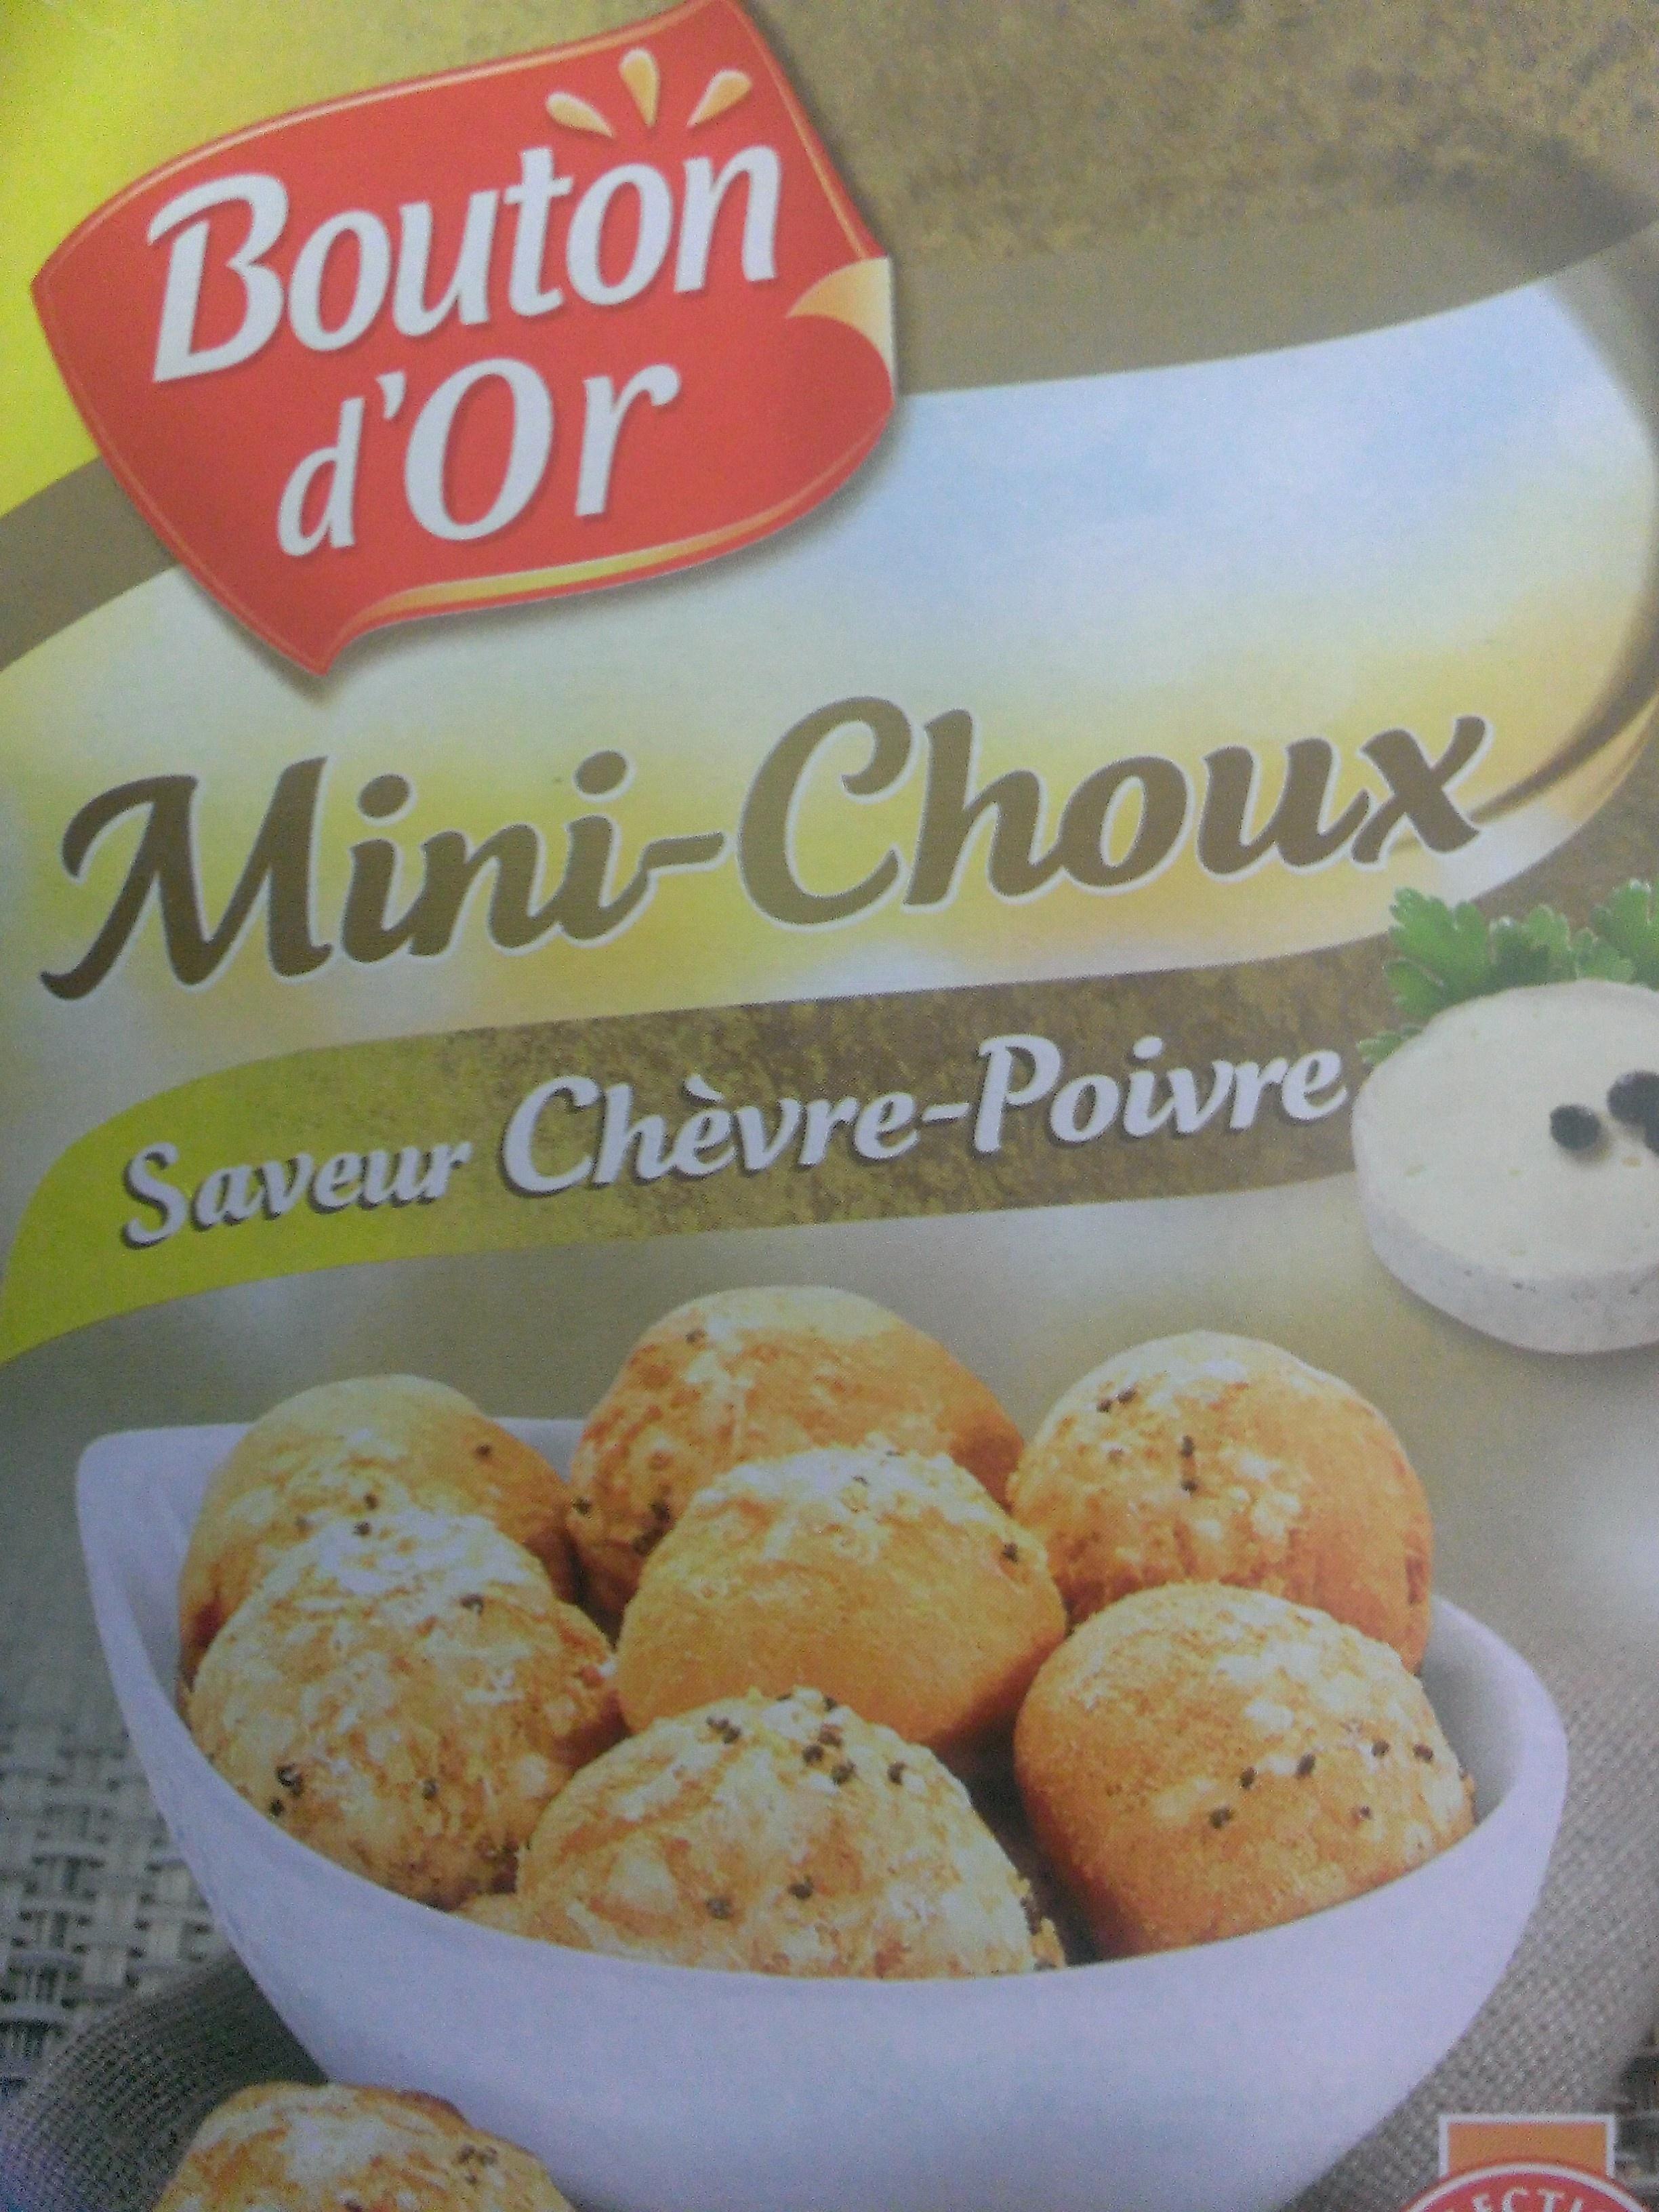 Mini-Choux Chèvre-Poivre - Product